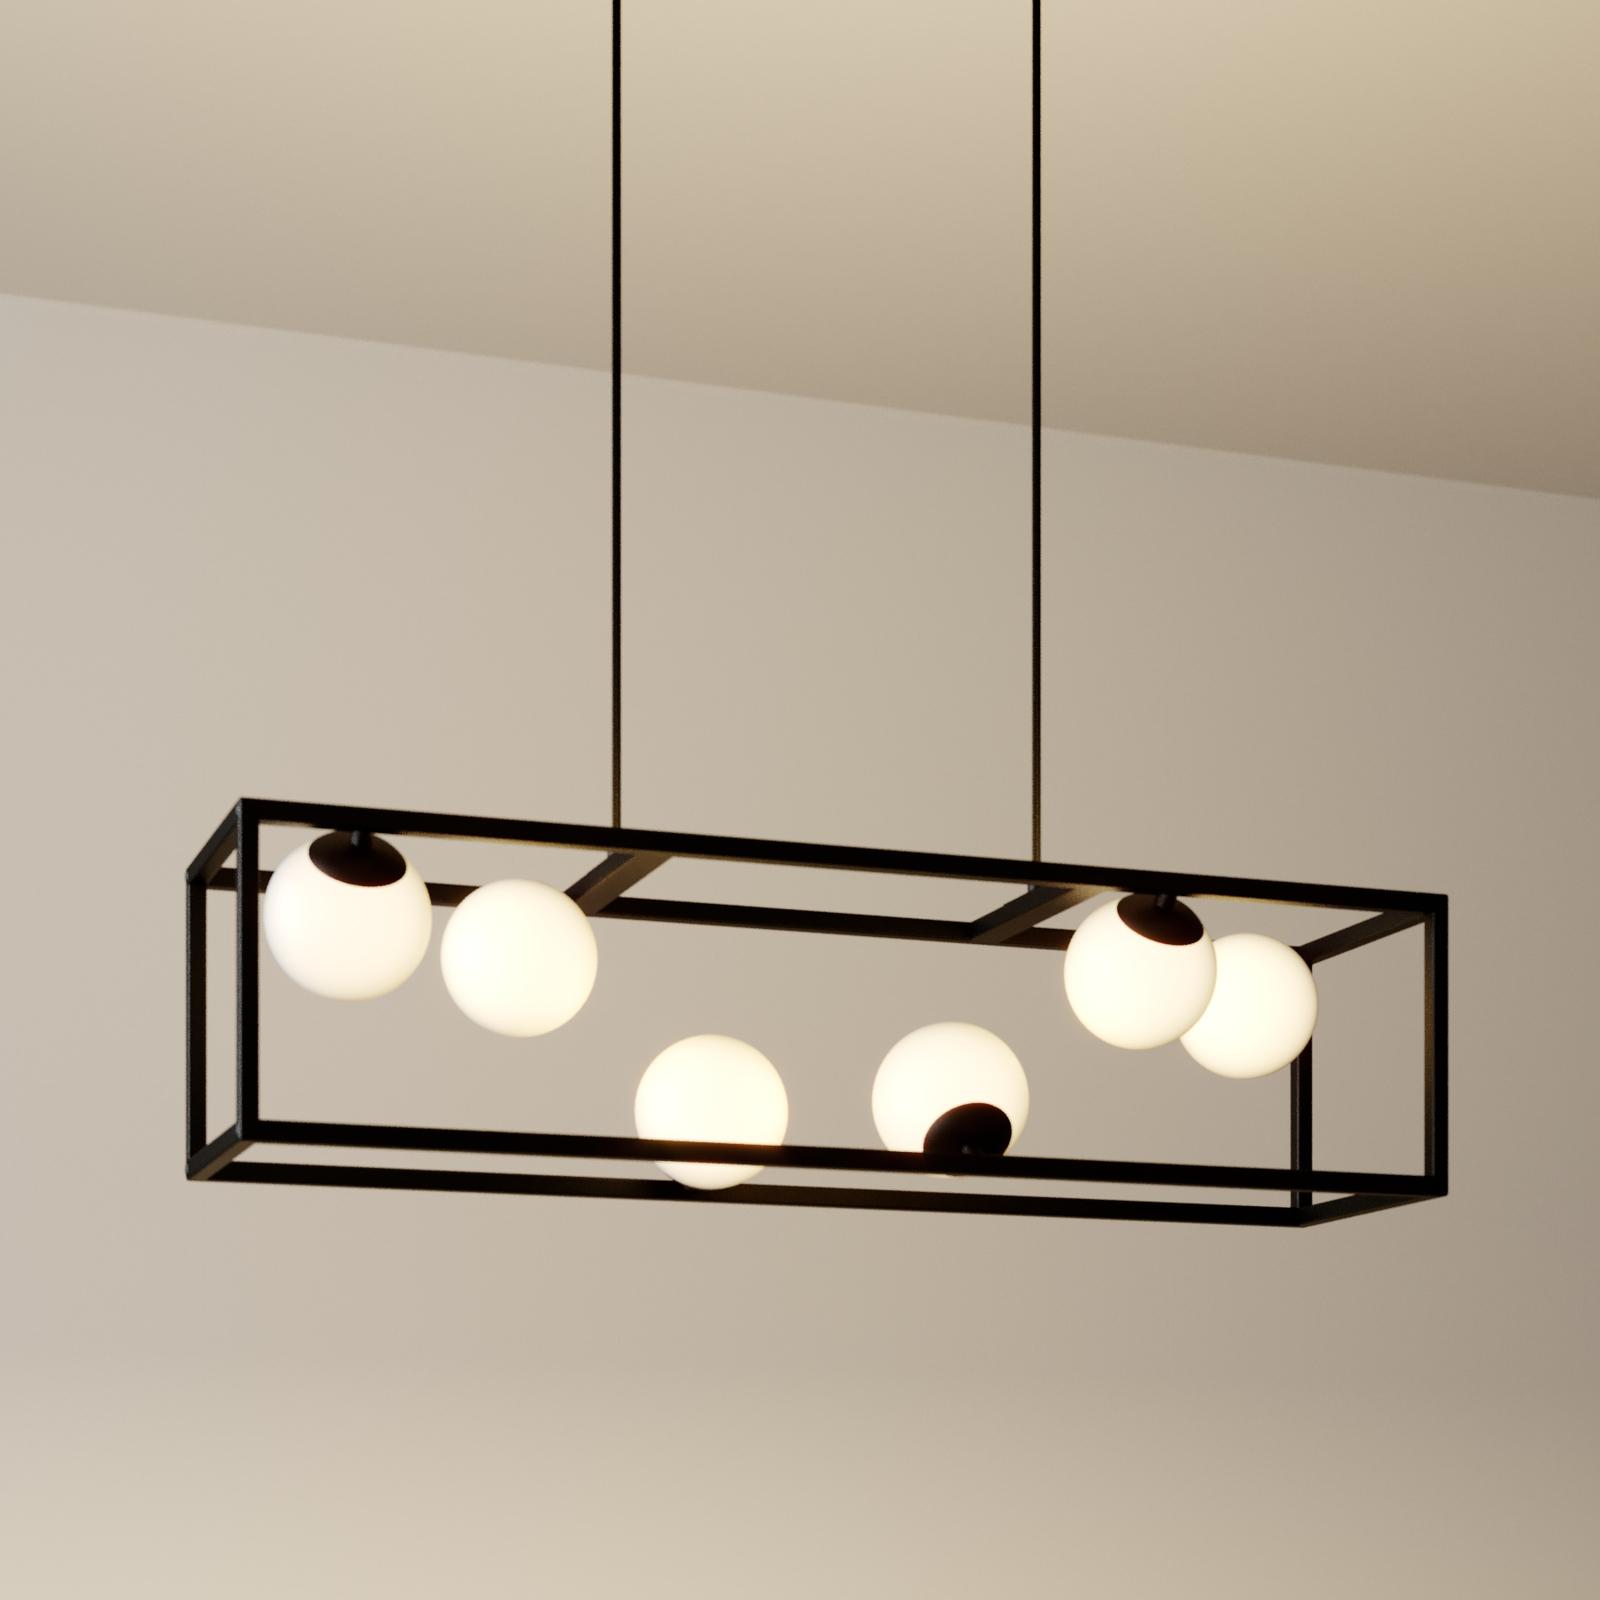 Lindby Utopia lampada LED sospensione, 6 luci